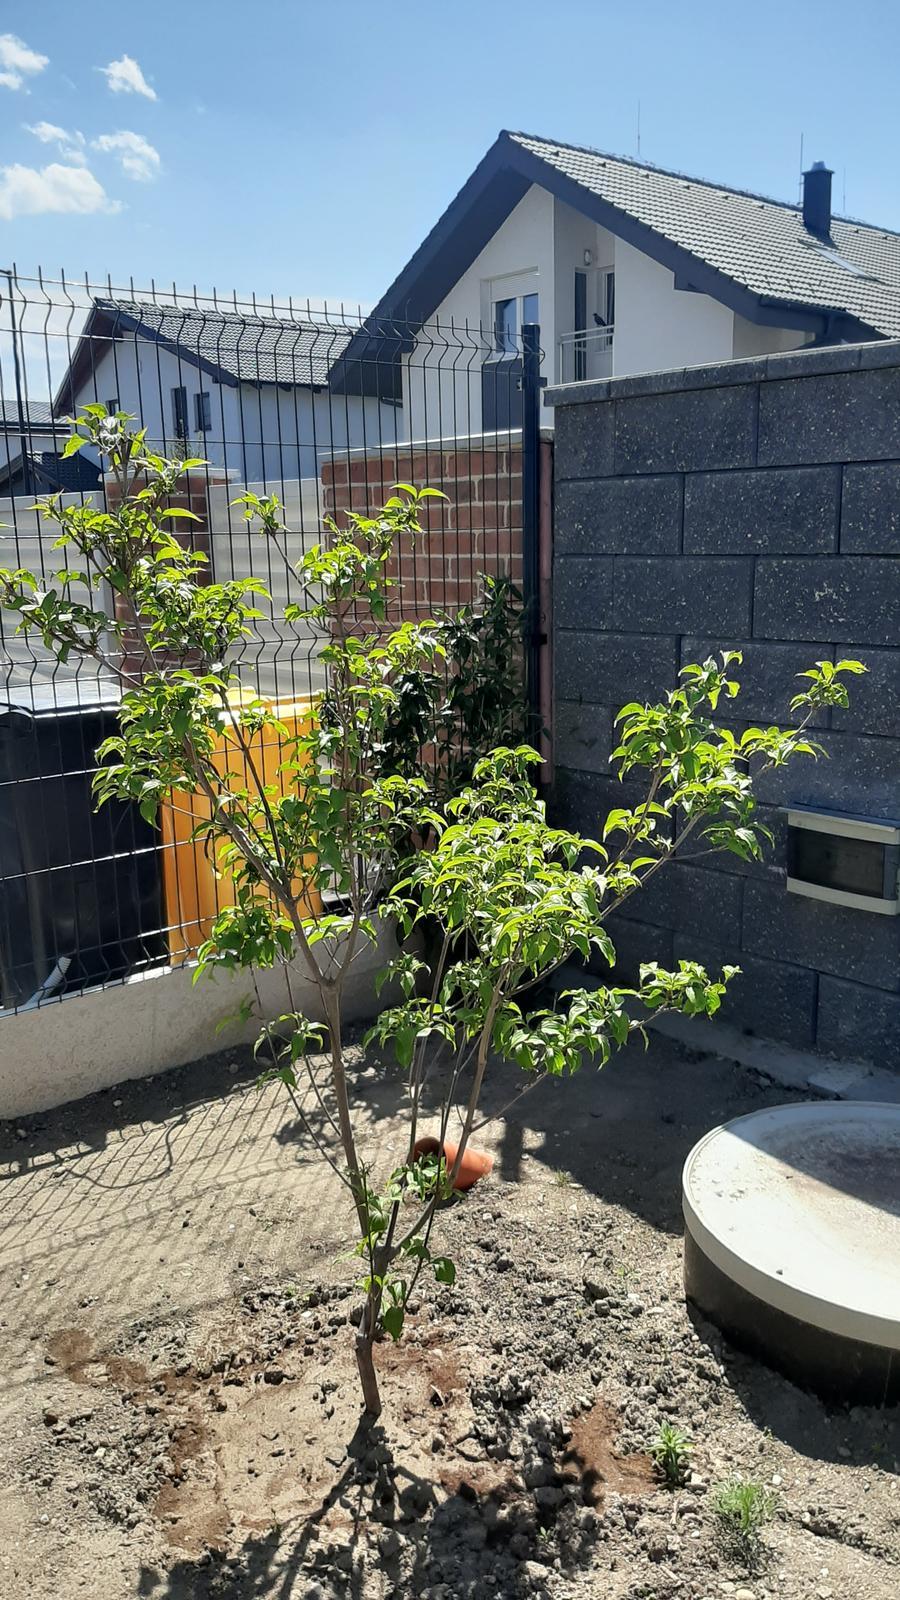 🏠🌞🌺❤🌷 Zahrada a jej dalsi rok...2020 🌱🐞🐛🦋🍓🥕🍅🌺❤ - Drien japonsky Milky Way....prezil zimu :-)